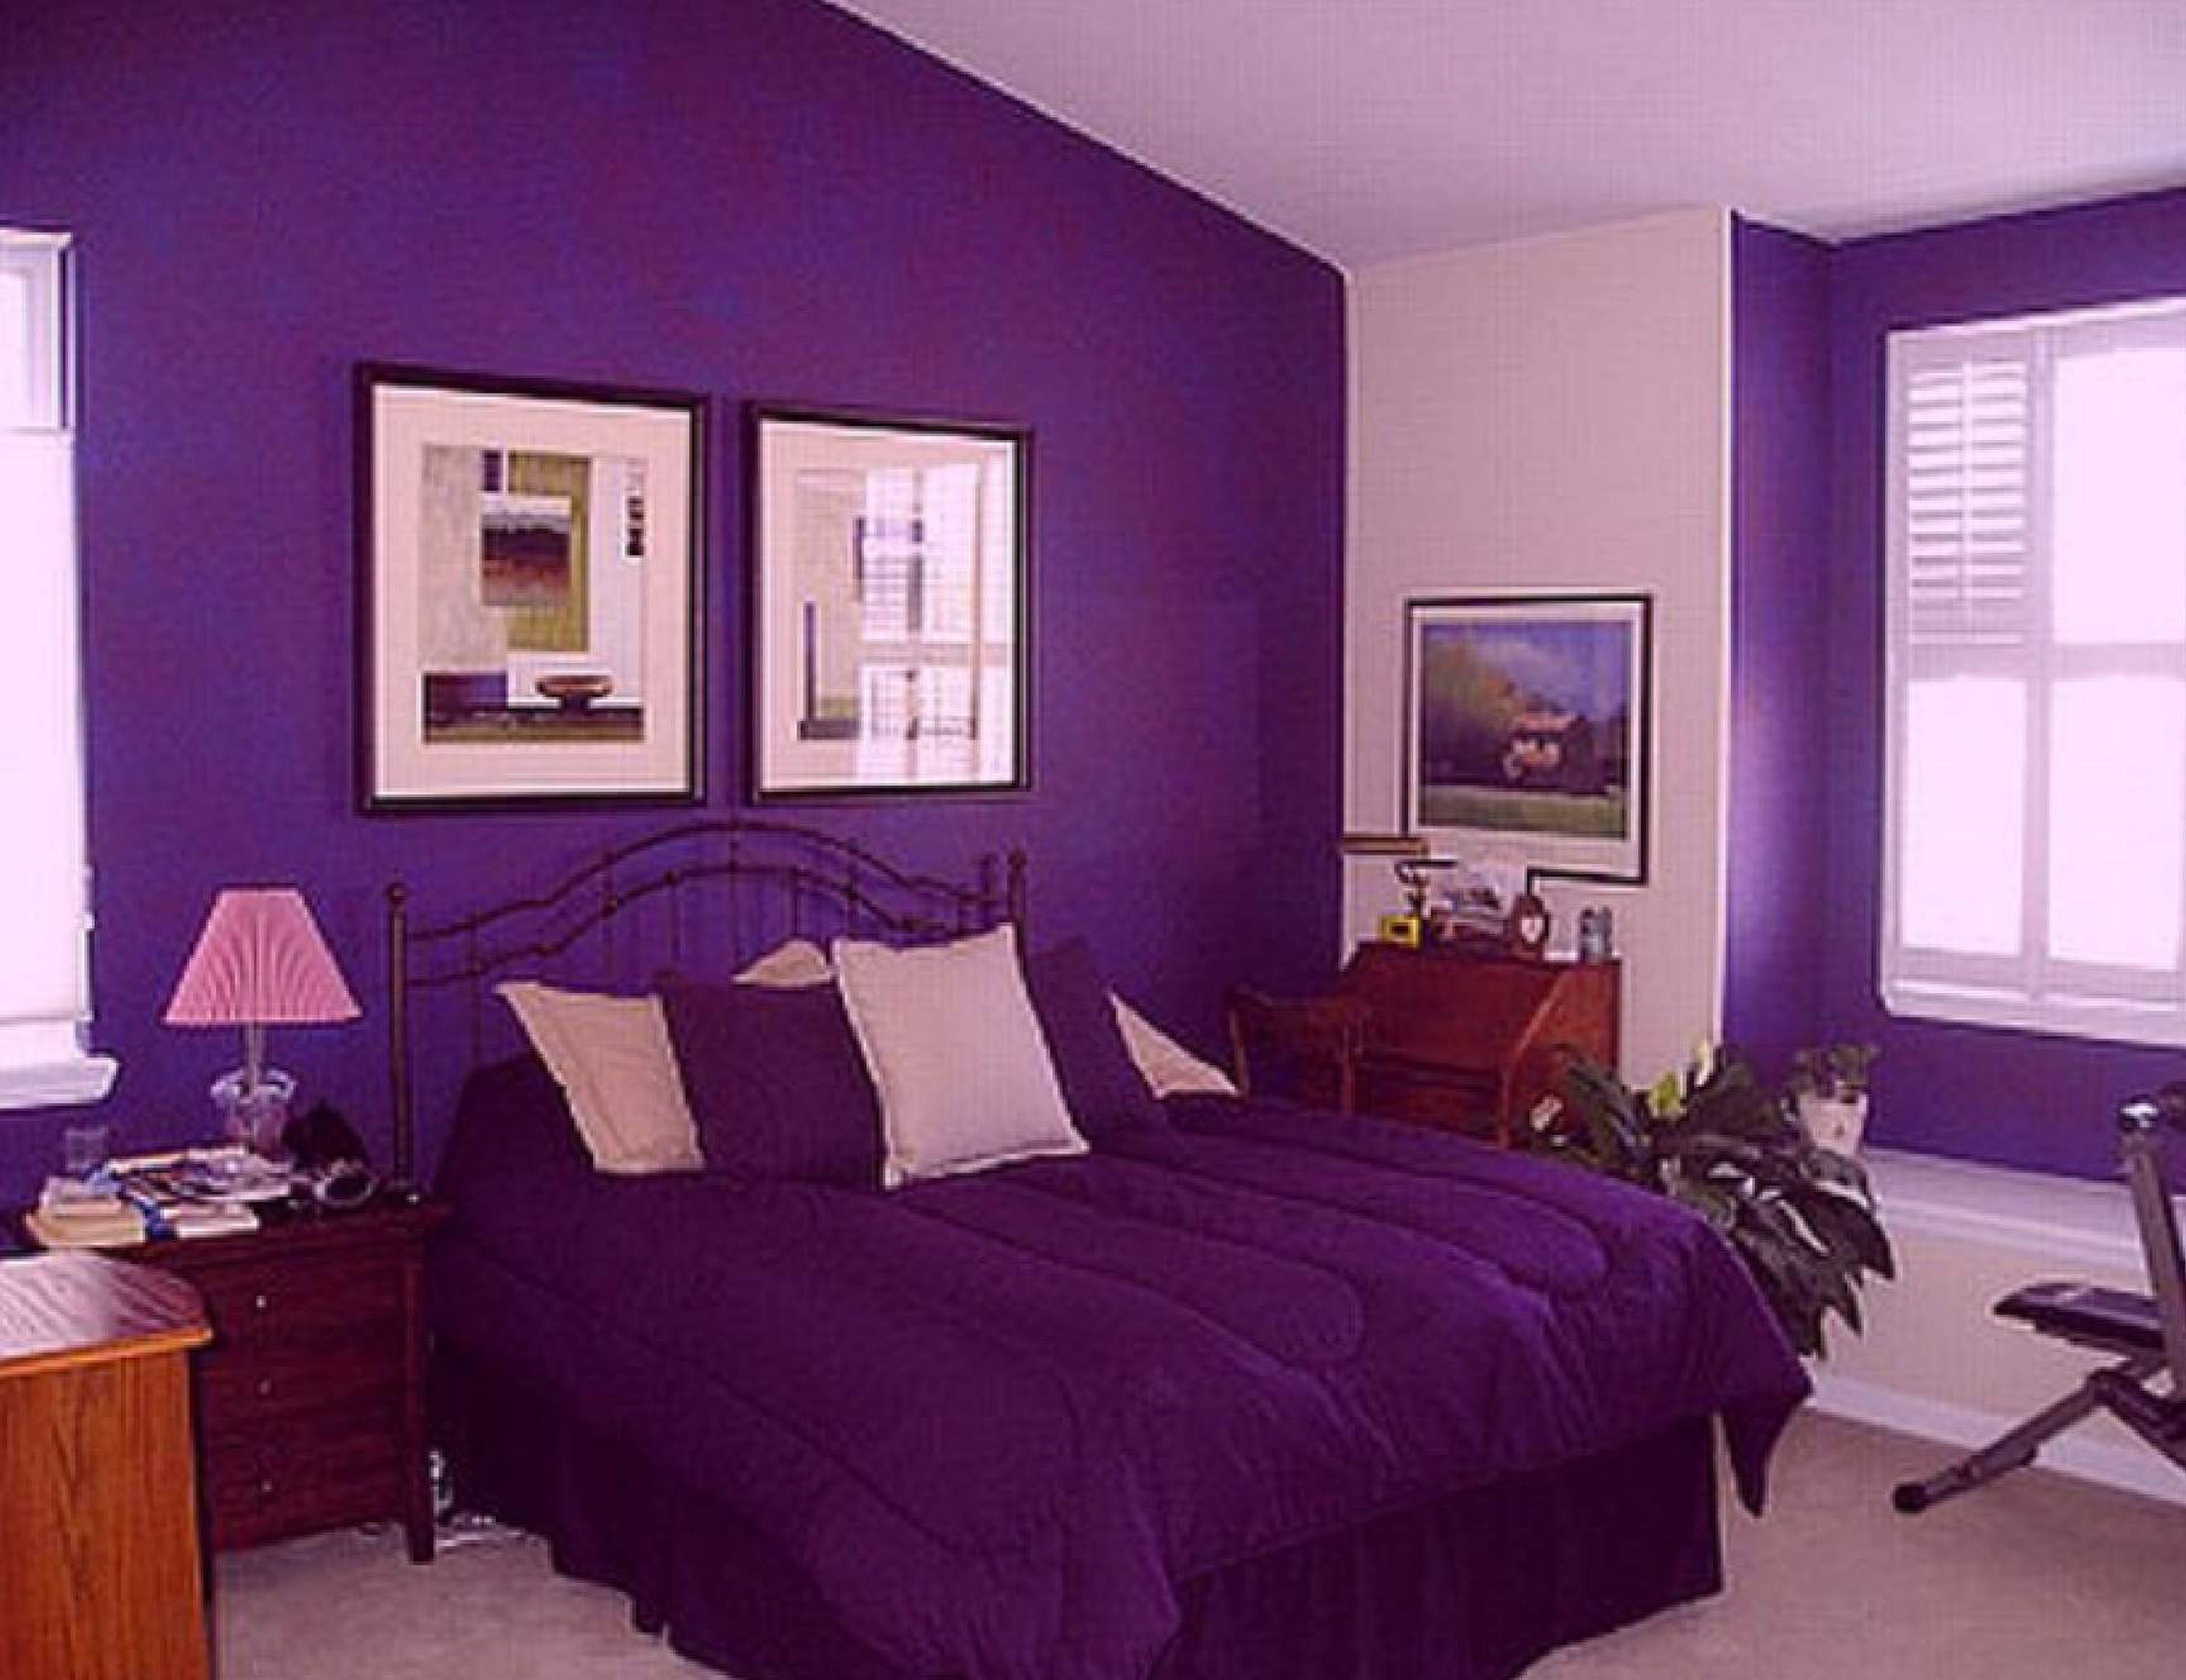 Фото спальни в фиолетовом цвете дизайн